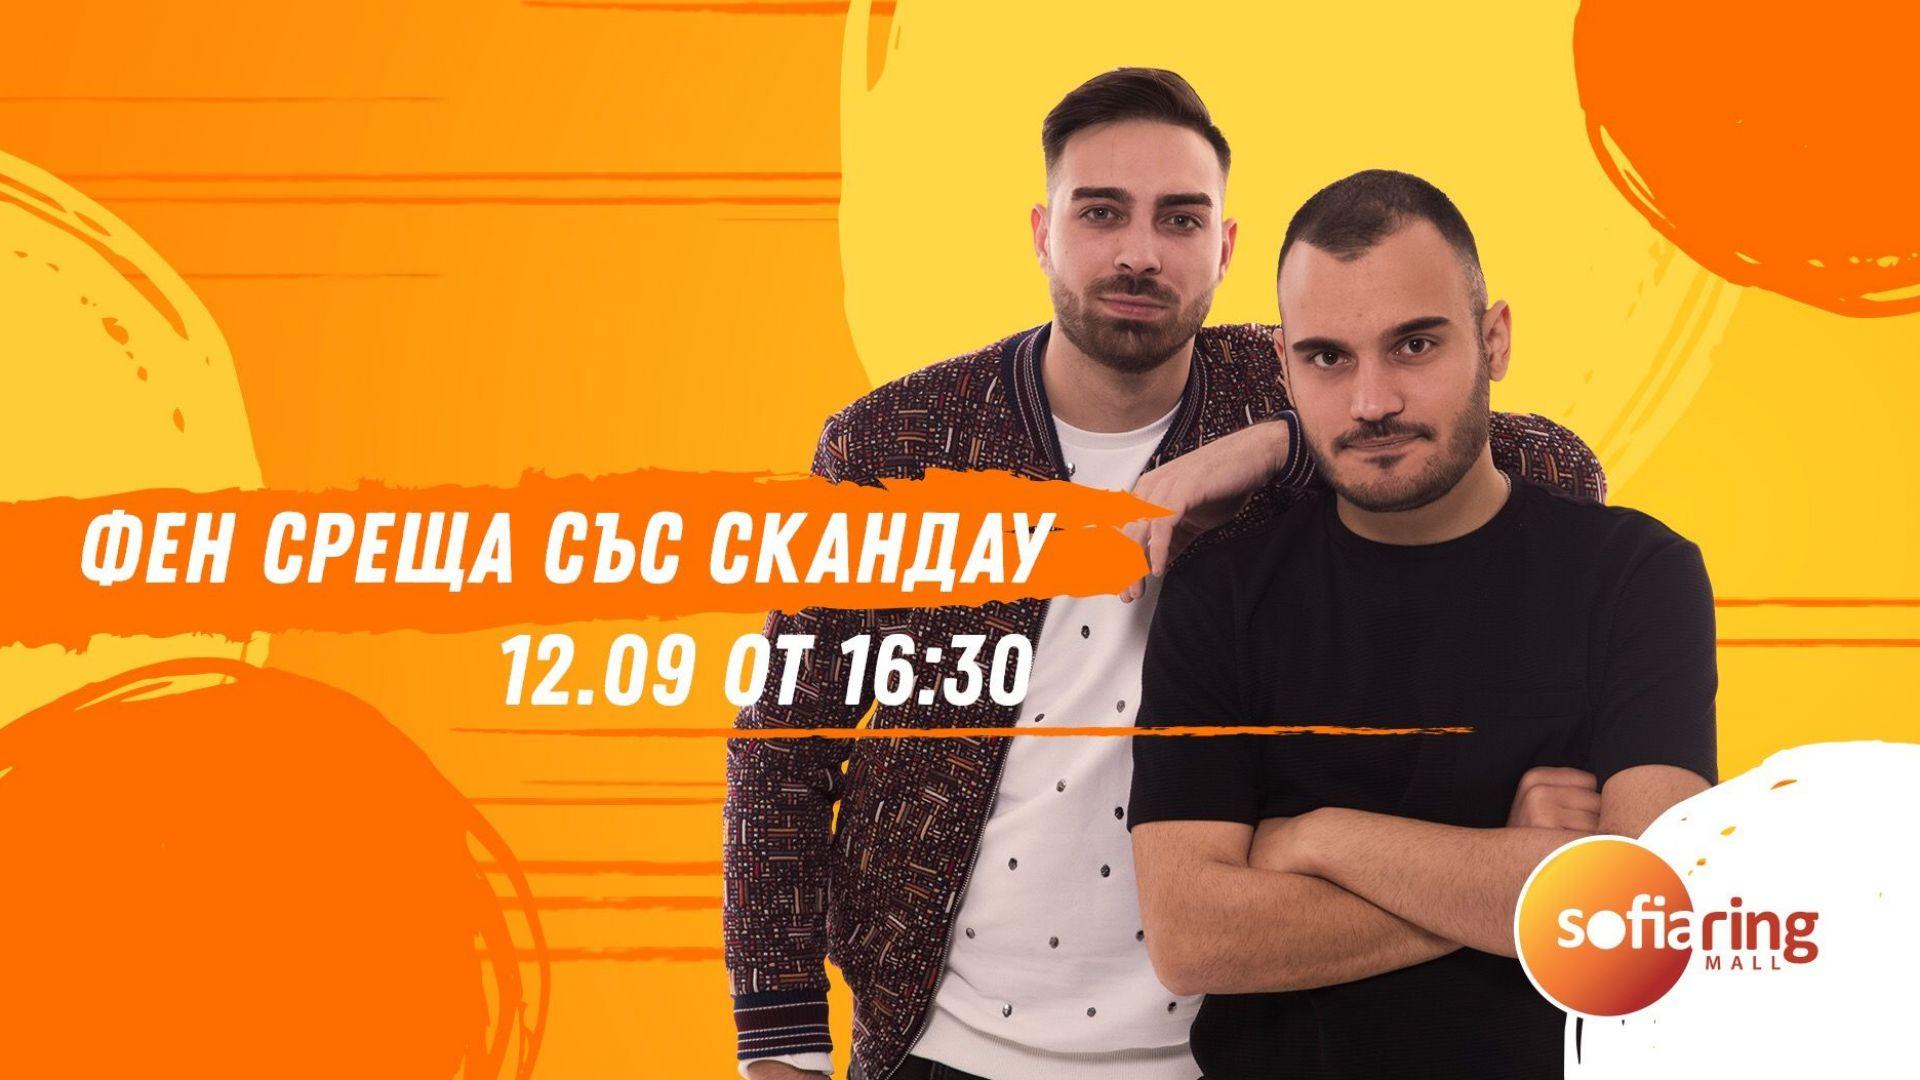 СкандаУ посрещат учениците в Sofia Ring Mall